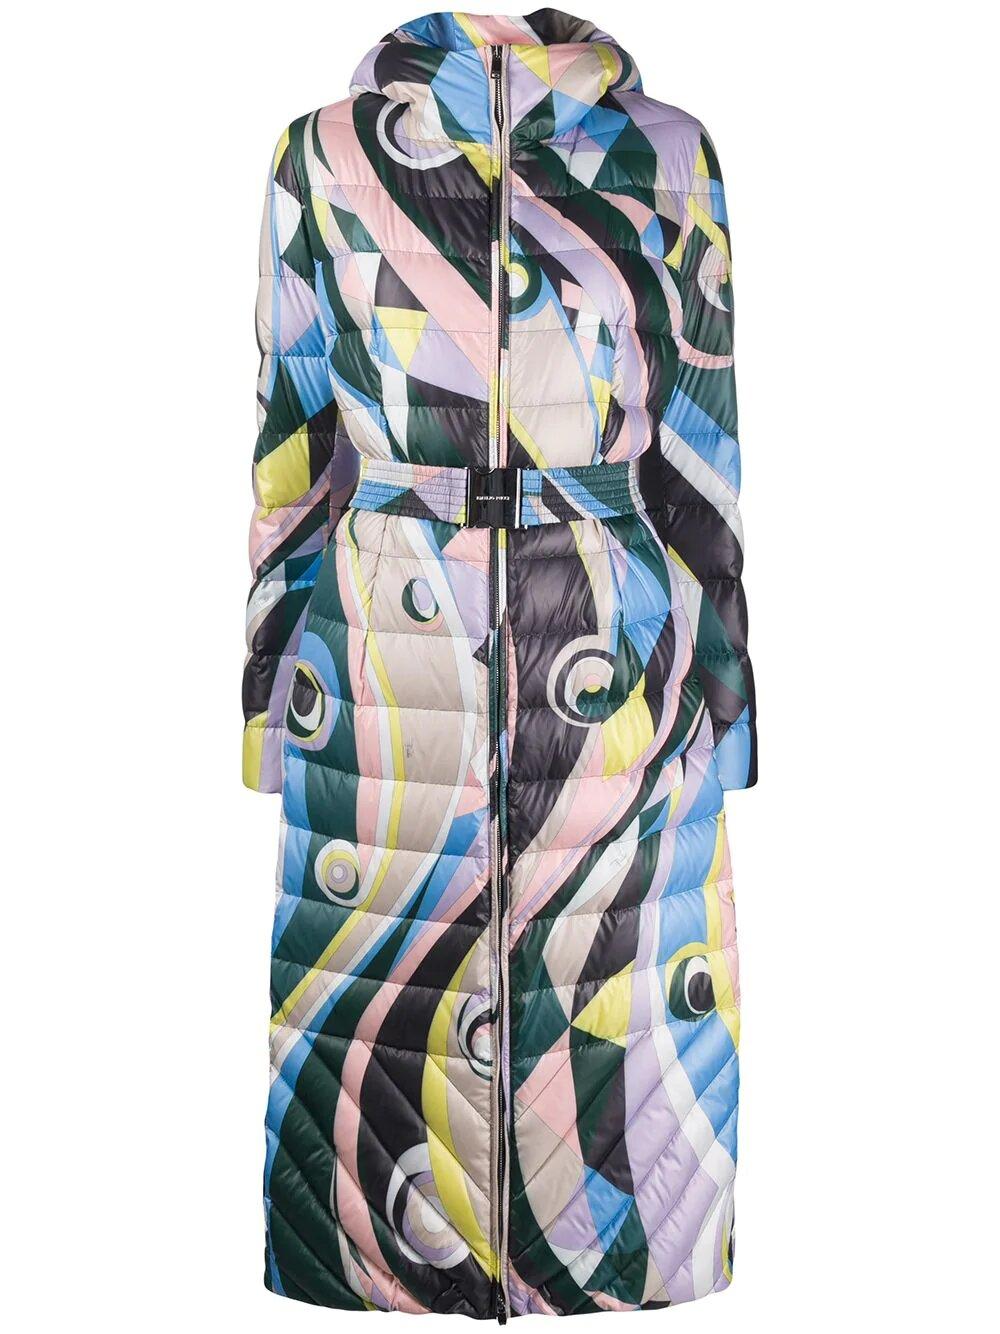 Emilio Pucci, Вelted abstract-print padded coat 2605лв, 2446лв